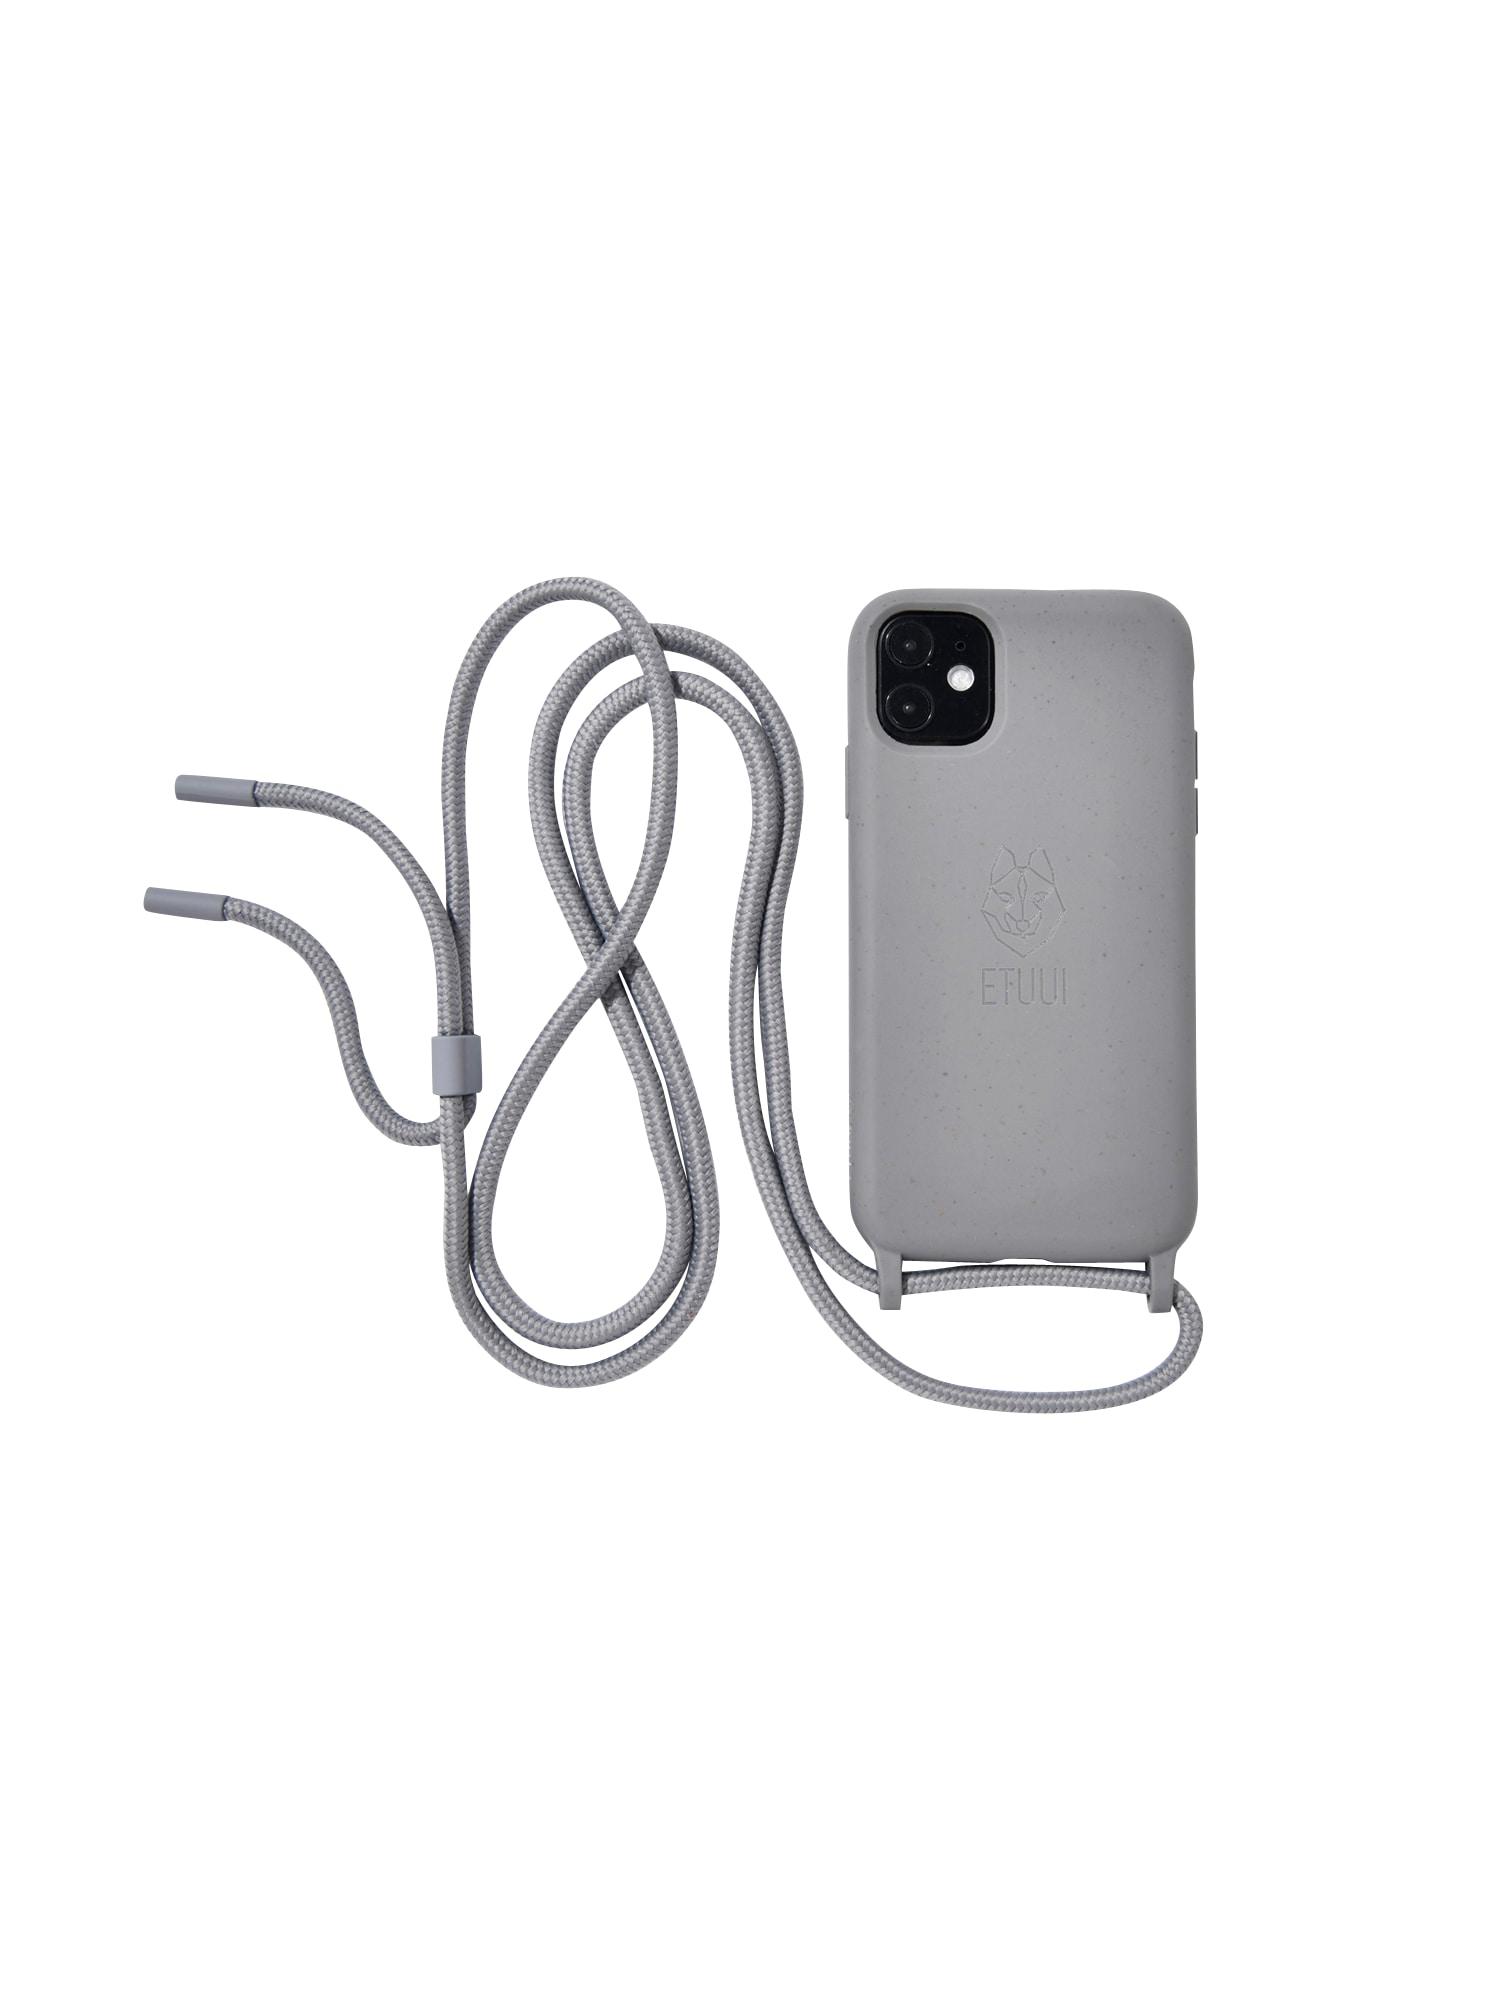 ETUUI Išmaniojo telefono dėklas pilka